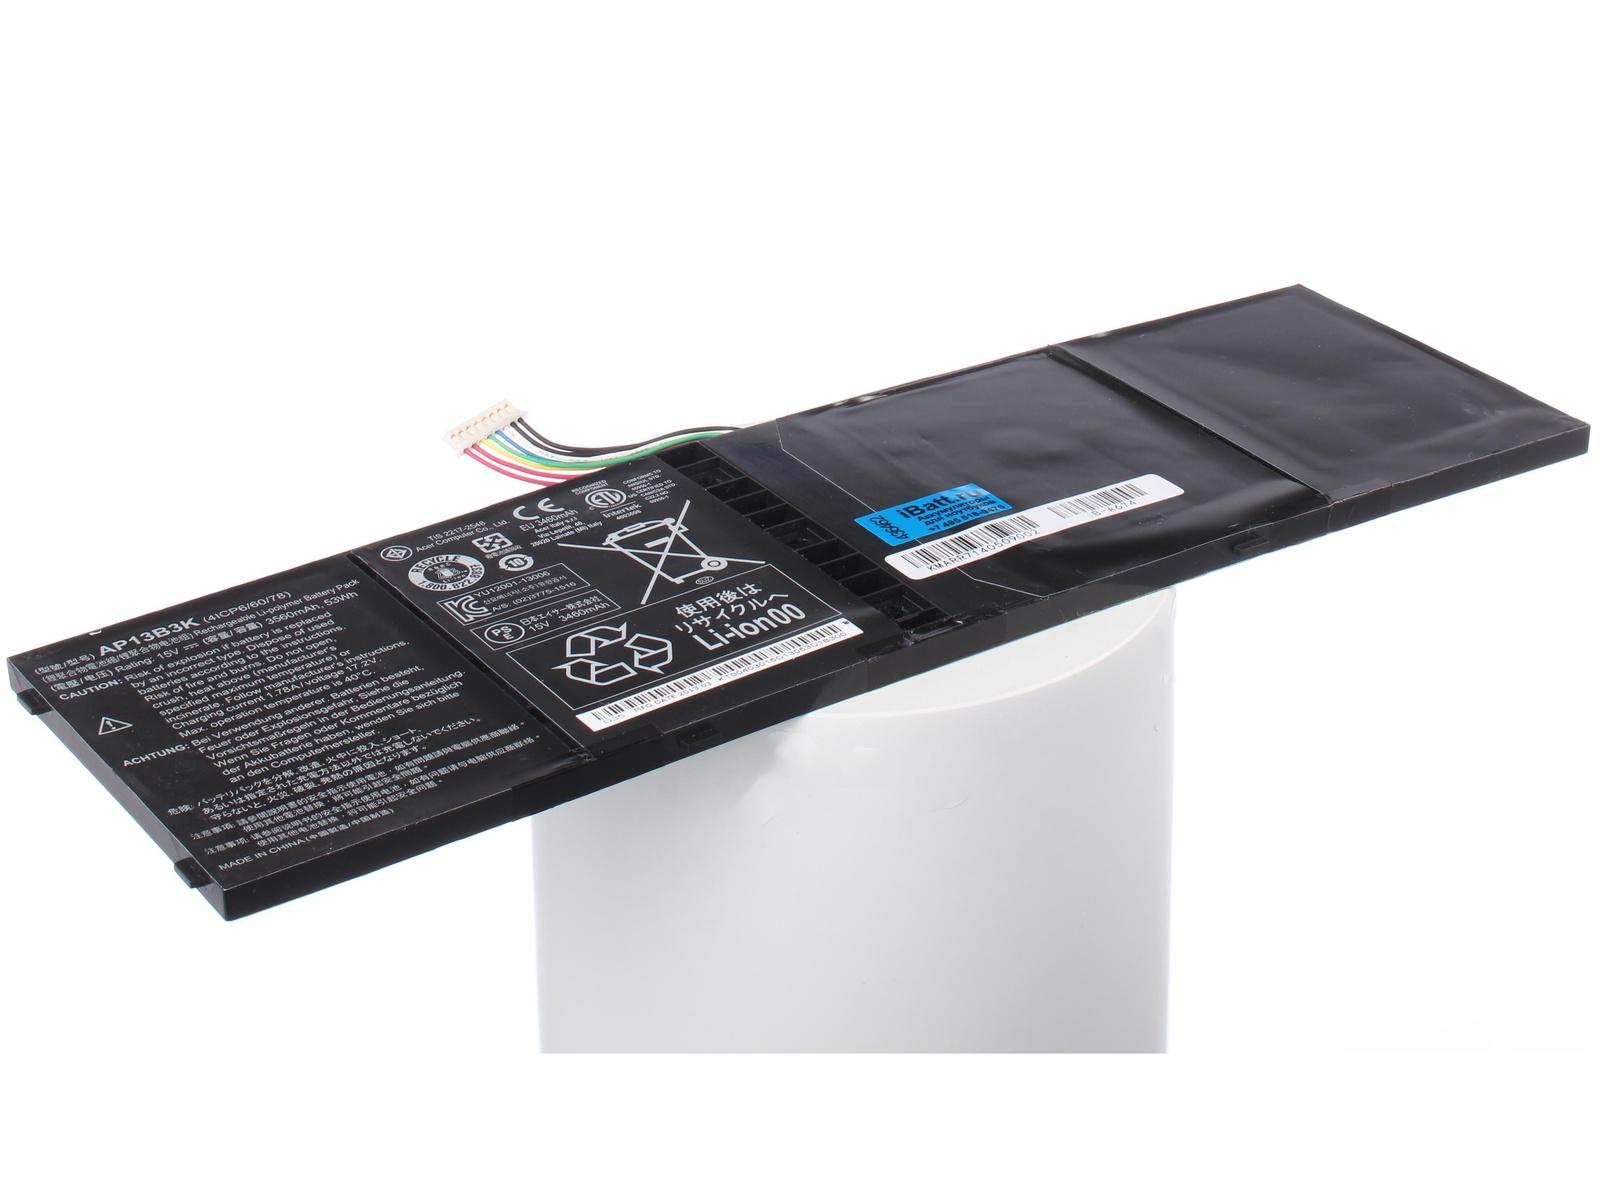 цены на Аккумулятор для ноутбука iBatt для Acer Aspire ES1-511-C9Q3, Aspire R7-571G-53336G75ass, Aspire F5-572G, Aspire ES1-511-C5G6, Aspire V5-572G-53336G50akk, Aspire V7-582PG-74506G52tii, Aspire R3-471T, Aspire R7-572  в интернет-магазинах